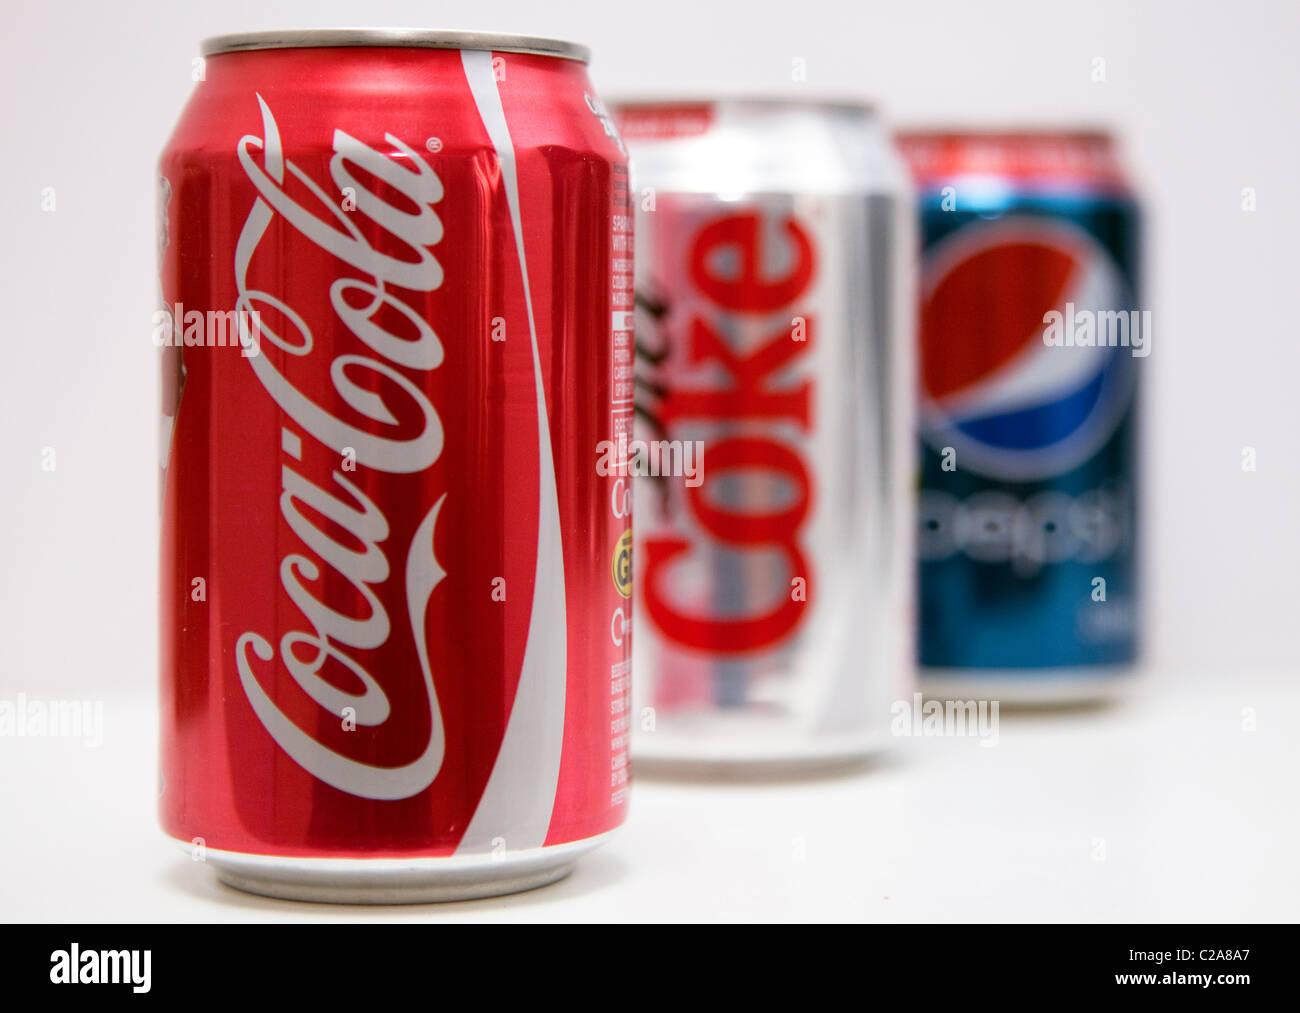 Schoolgirl found chopped fingers in a bottle of soda